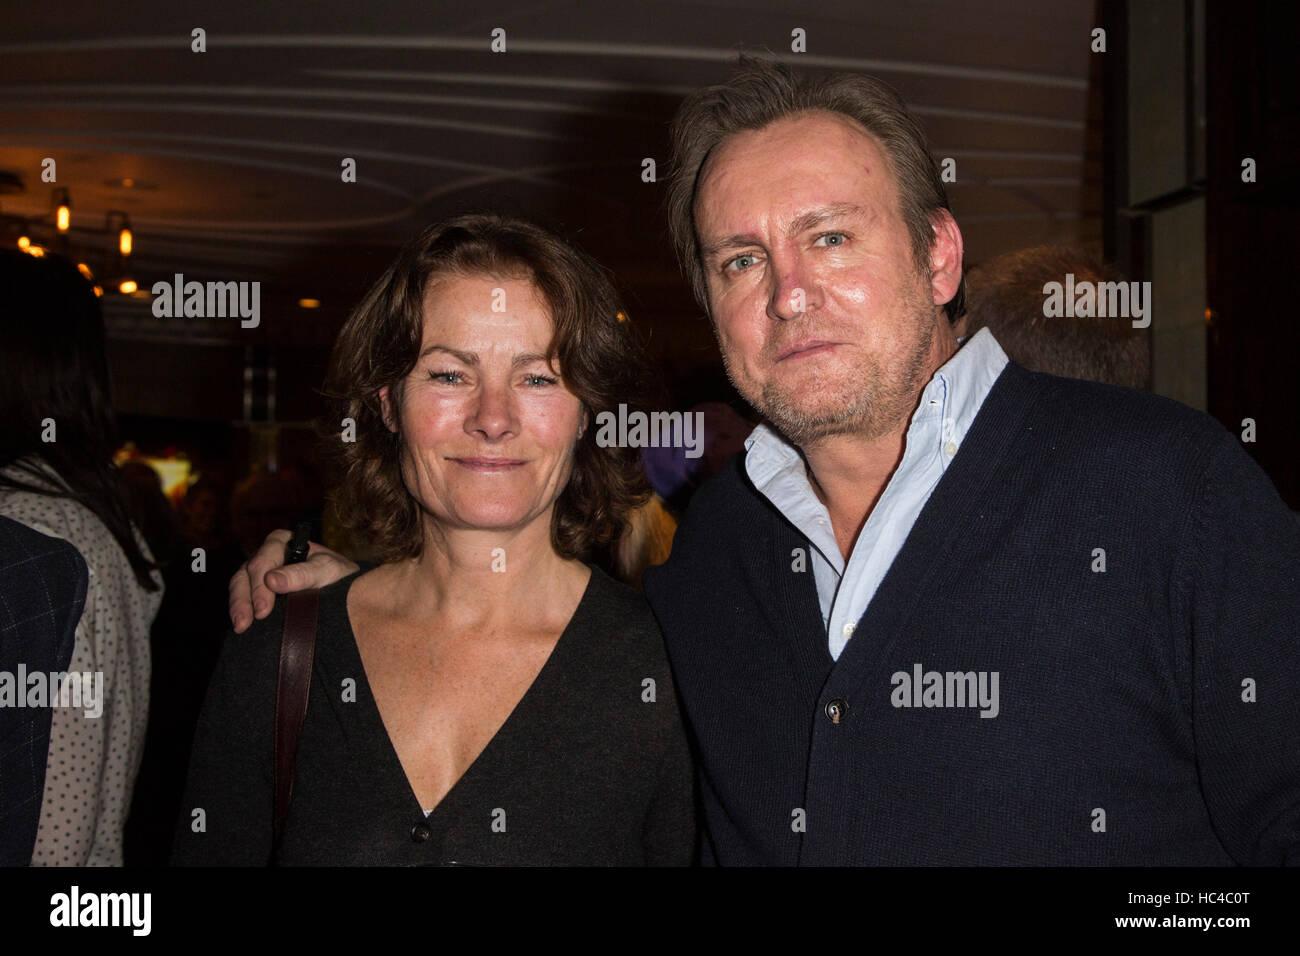 Londres, Reino Unido. 8 de diciembre de 2016. Actores Janet Dibley y Philip Glenister en el lanzamiento el evento. Foto de stock